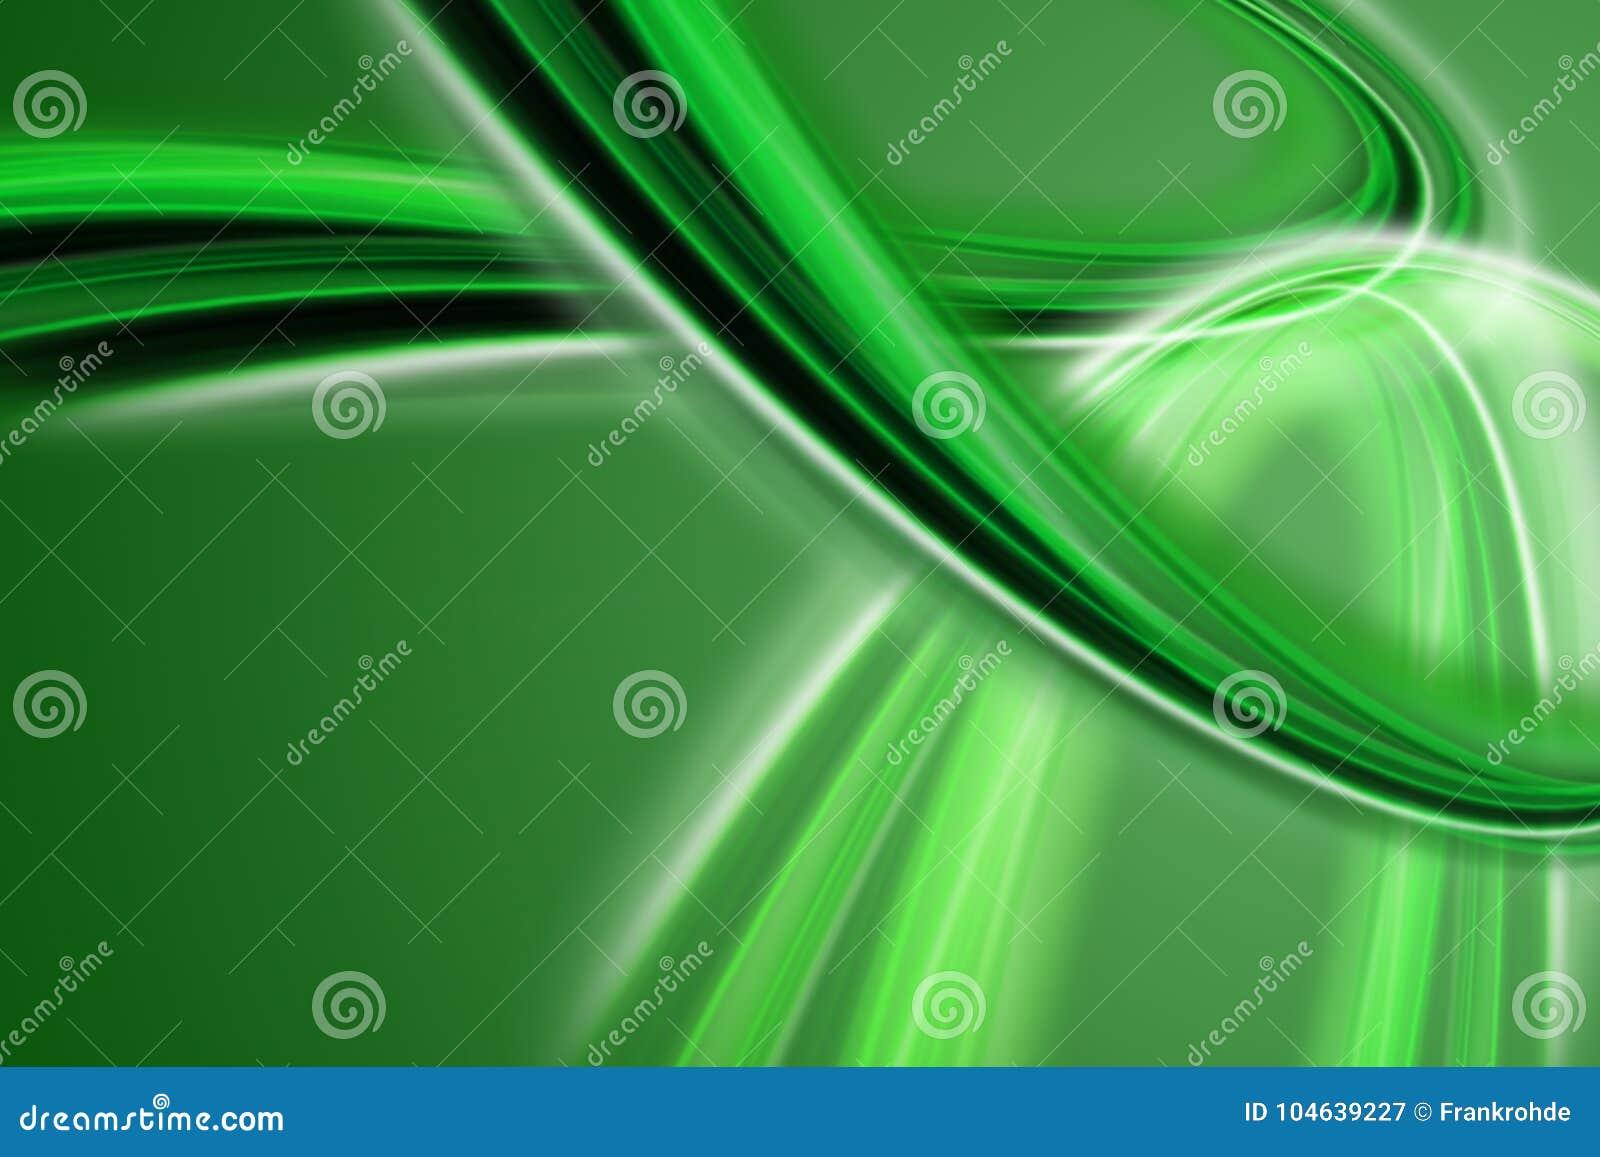 Download Het Abstracte Ontwerp Van De Ecogolf Stock Illustratie - Illustratie bestaande uit vorm, vermaak: 104639227